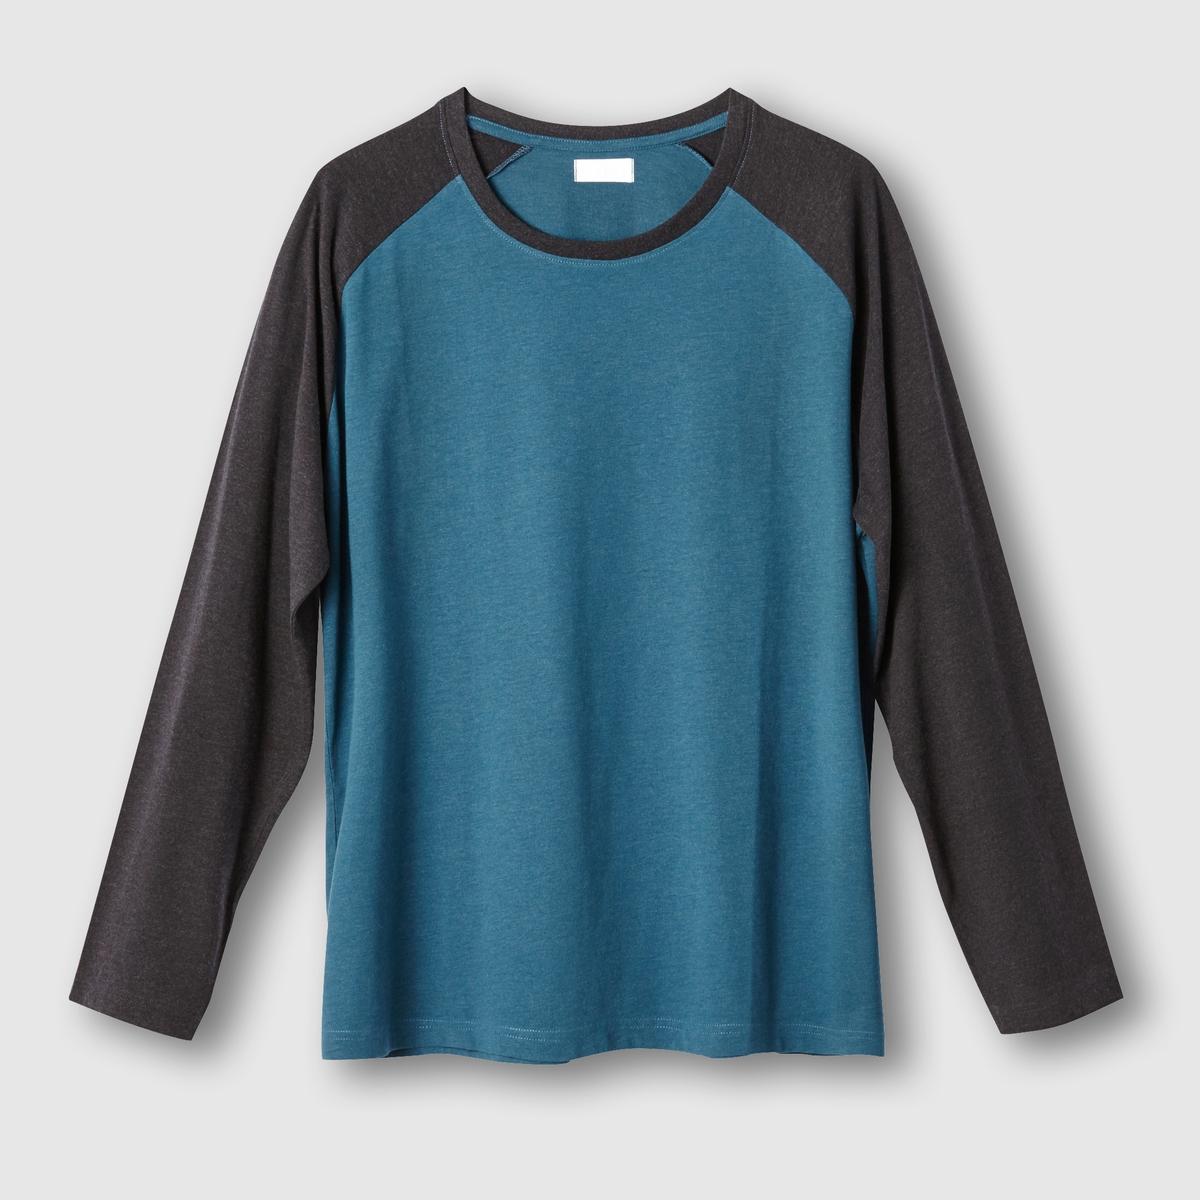 Футболка с длинными рукавамиФутболка двухцветная с длинными рукавами. Круглый вырез. Контрастная отделка выреза и рукавов. Джерси, 80% хлопка, 20% полиэстера. Длина 75 см.<br><br>Цвет: сине-зеленый/темно-серый меланж<br>Размер: 62/64.70/72